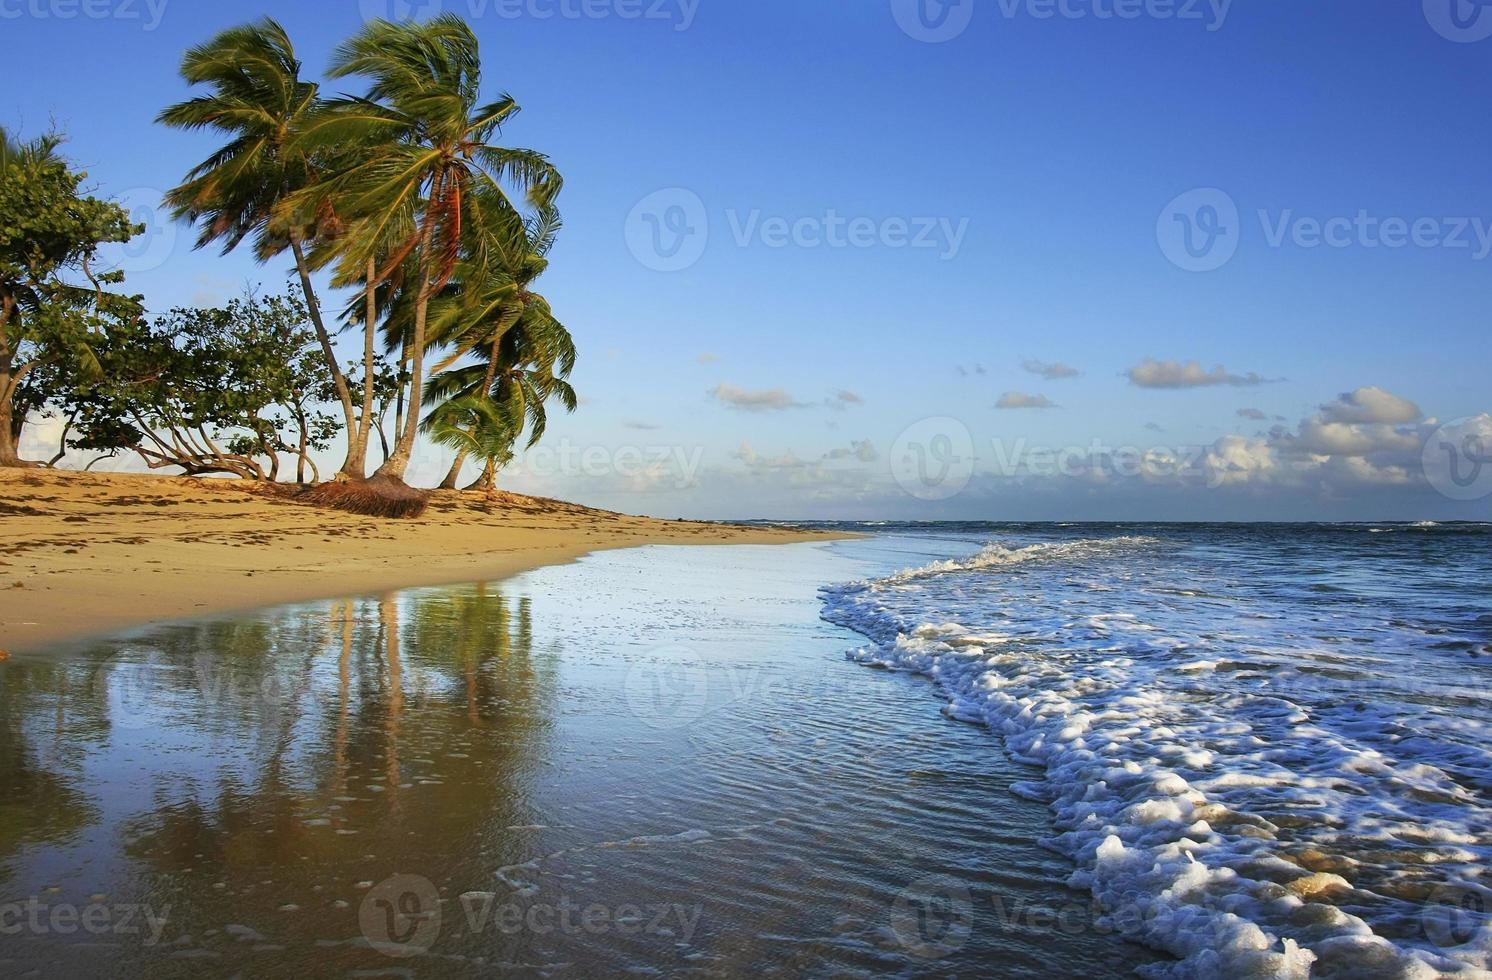 plage de las terrenas, péninsule de samana photo